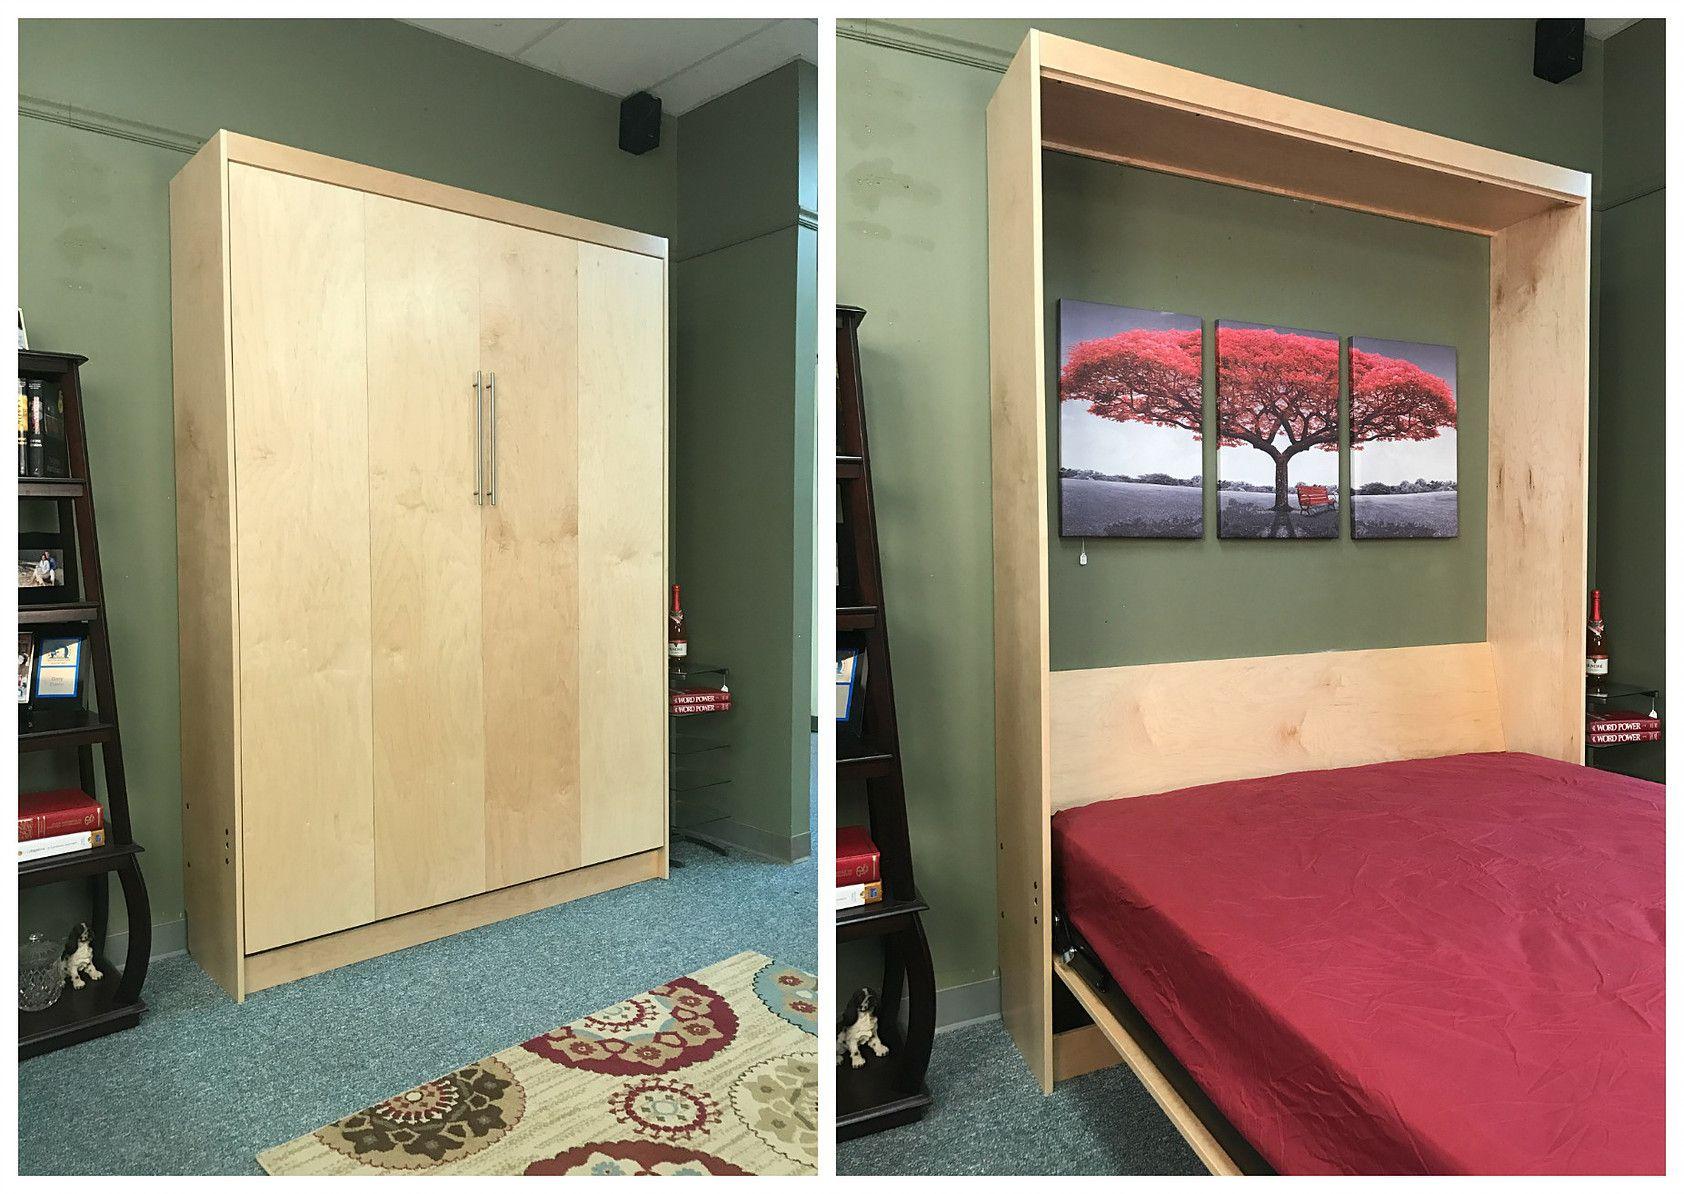 Alpine murphy 1110417 Murphy bed plans, Modern murphy